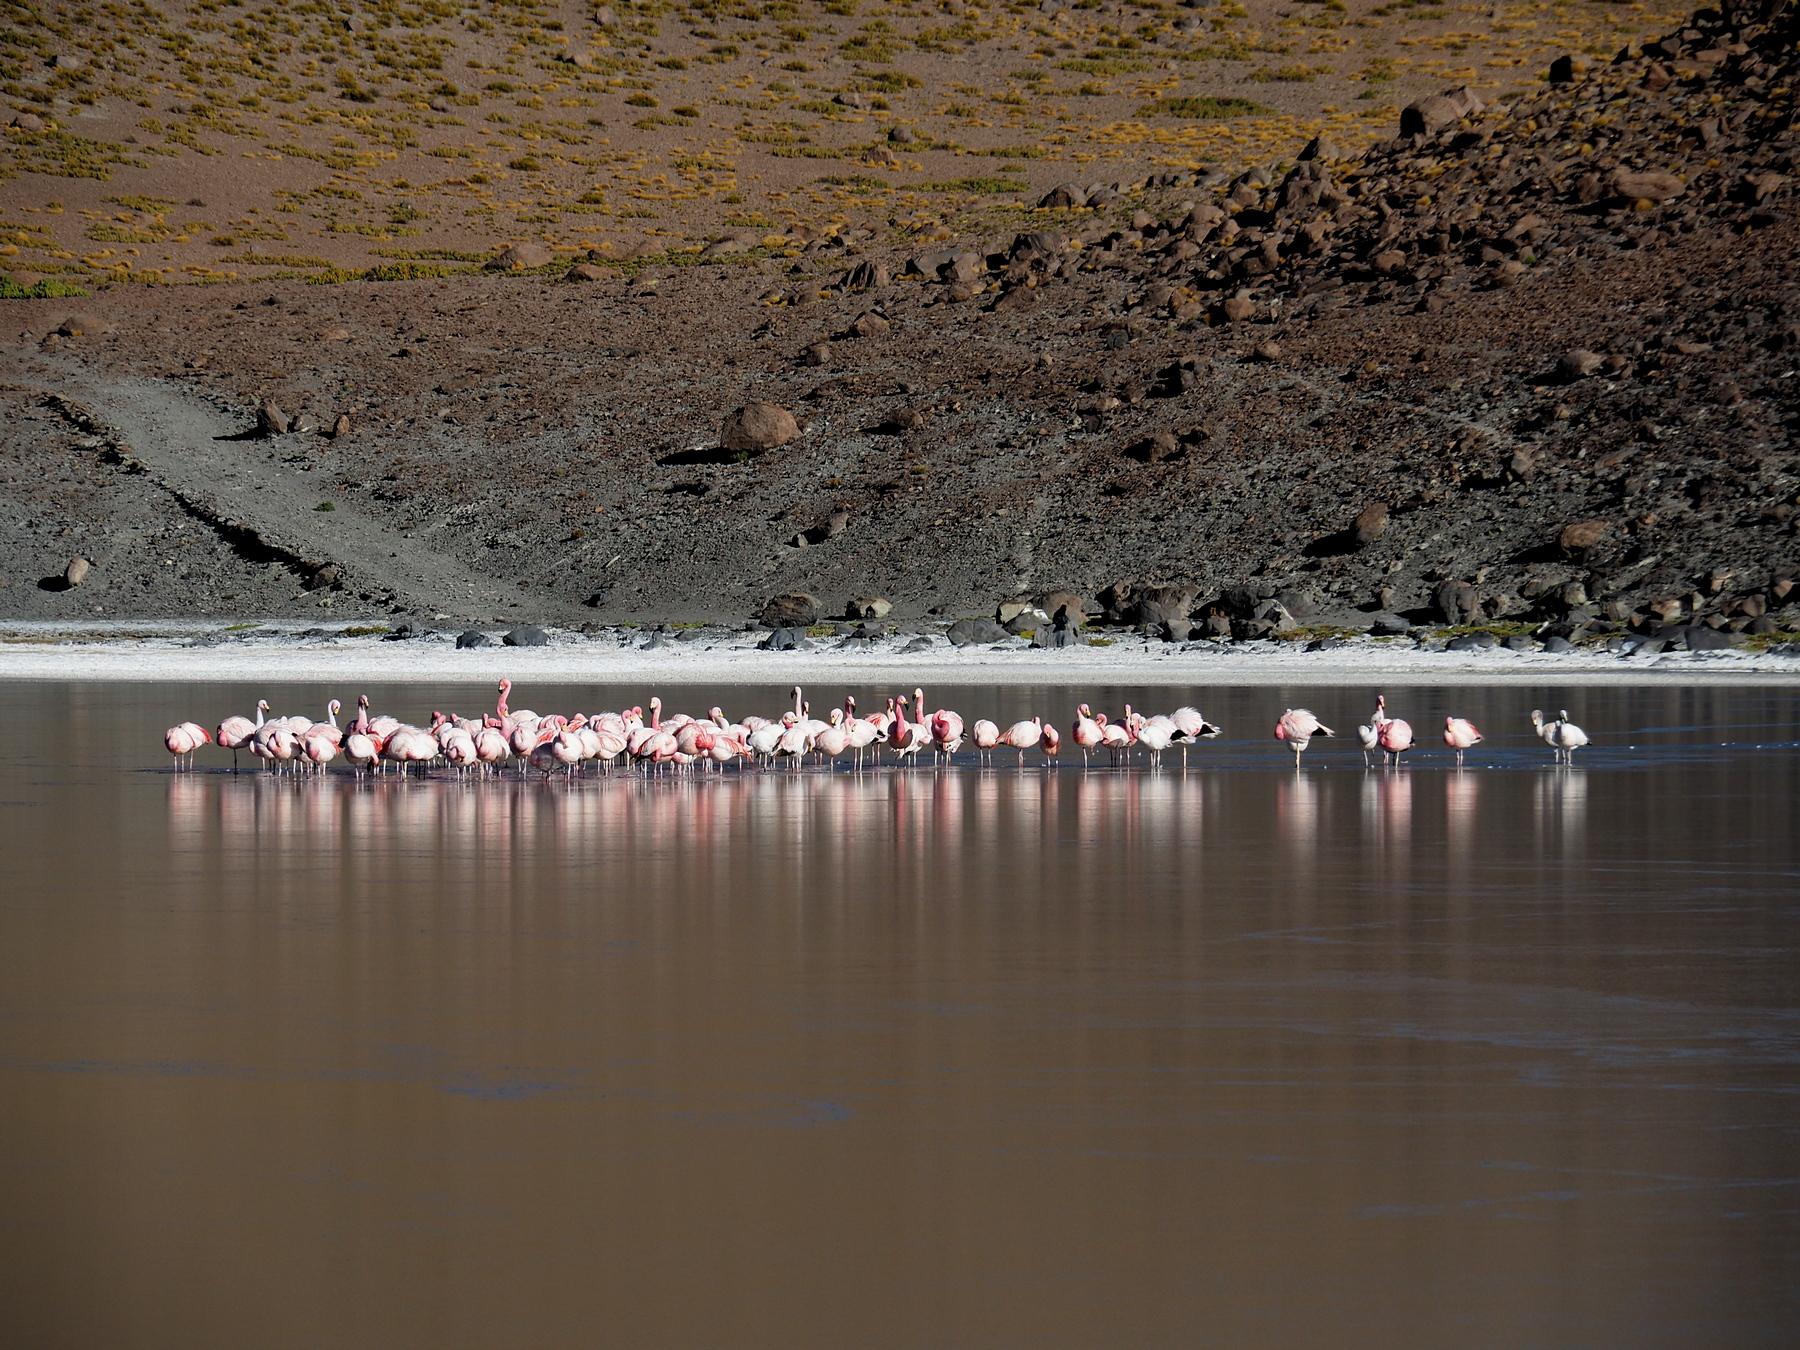 Und in jeder Lagune gibt es Flamingos